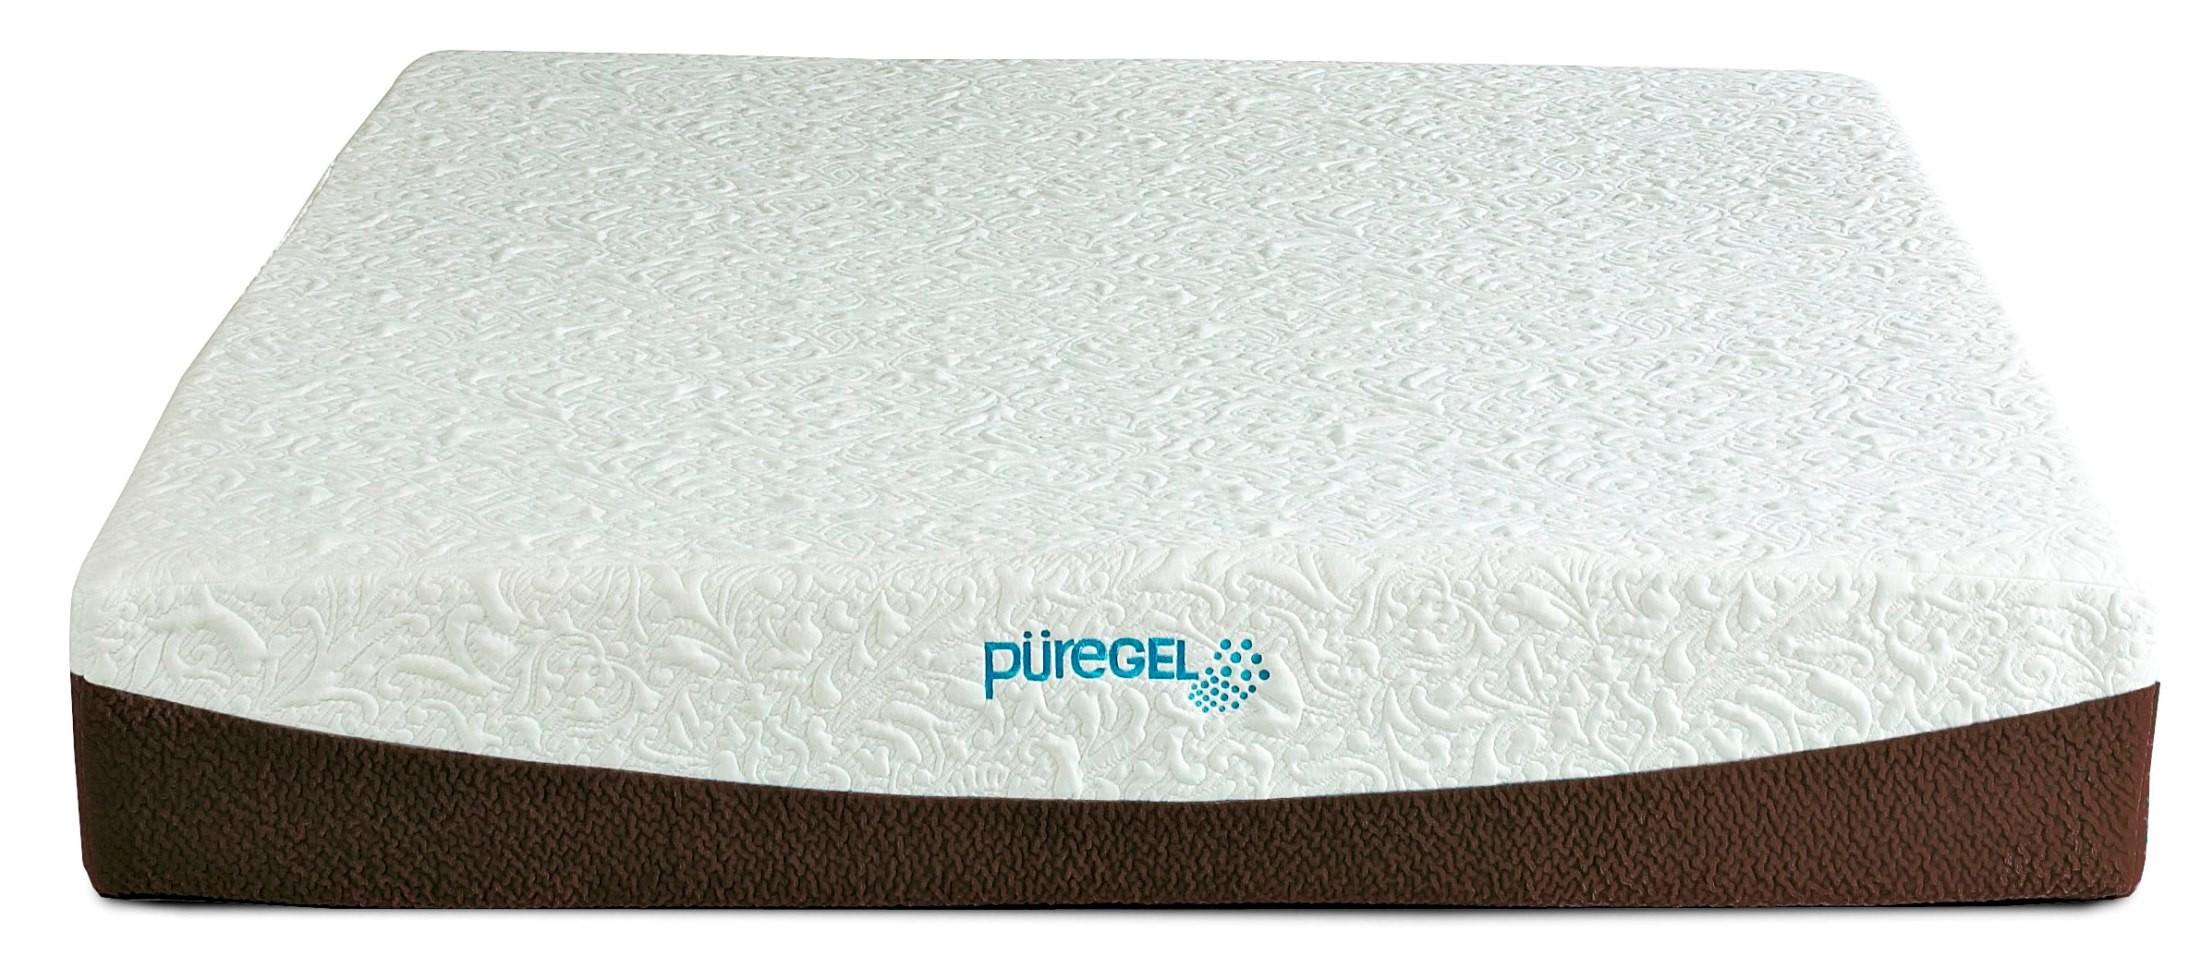 Denali 10 Memory Foam Queen Size Mattress From Klaussner Denaliqqmat Coleman Furniture